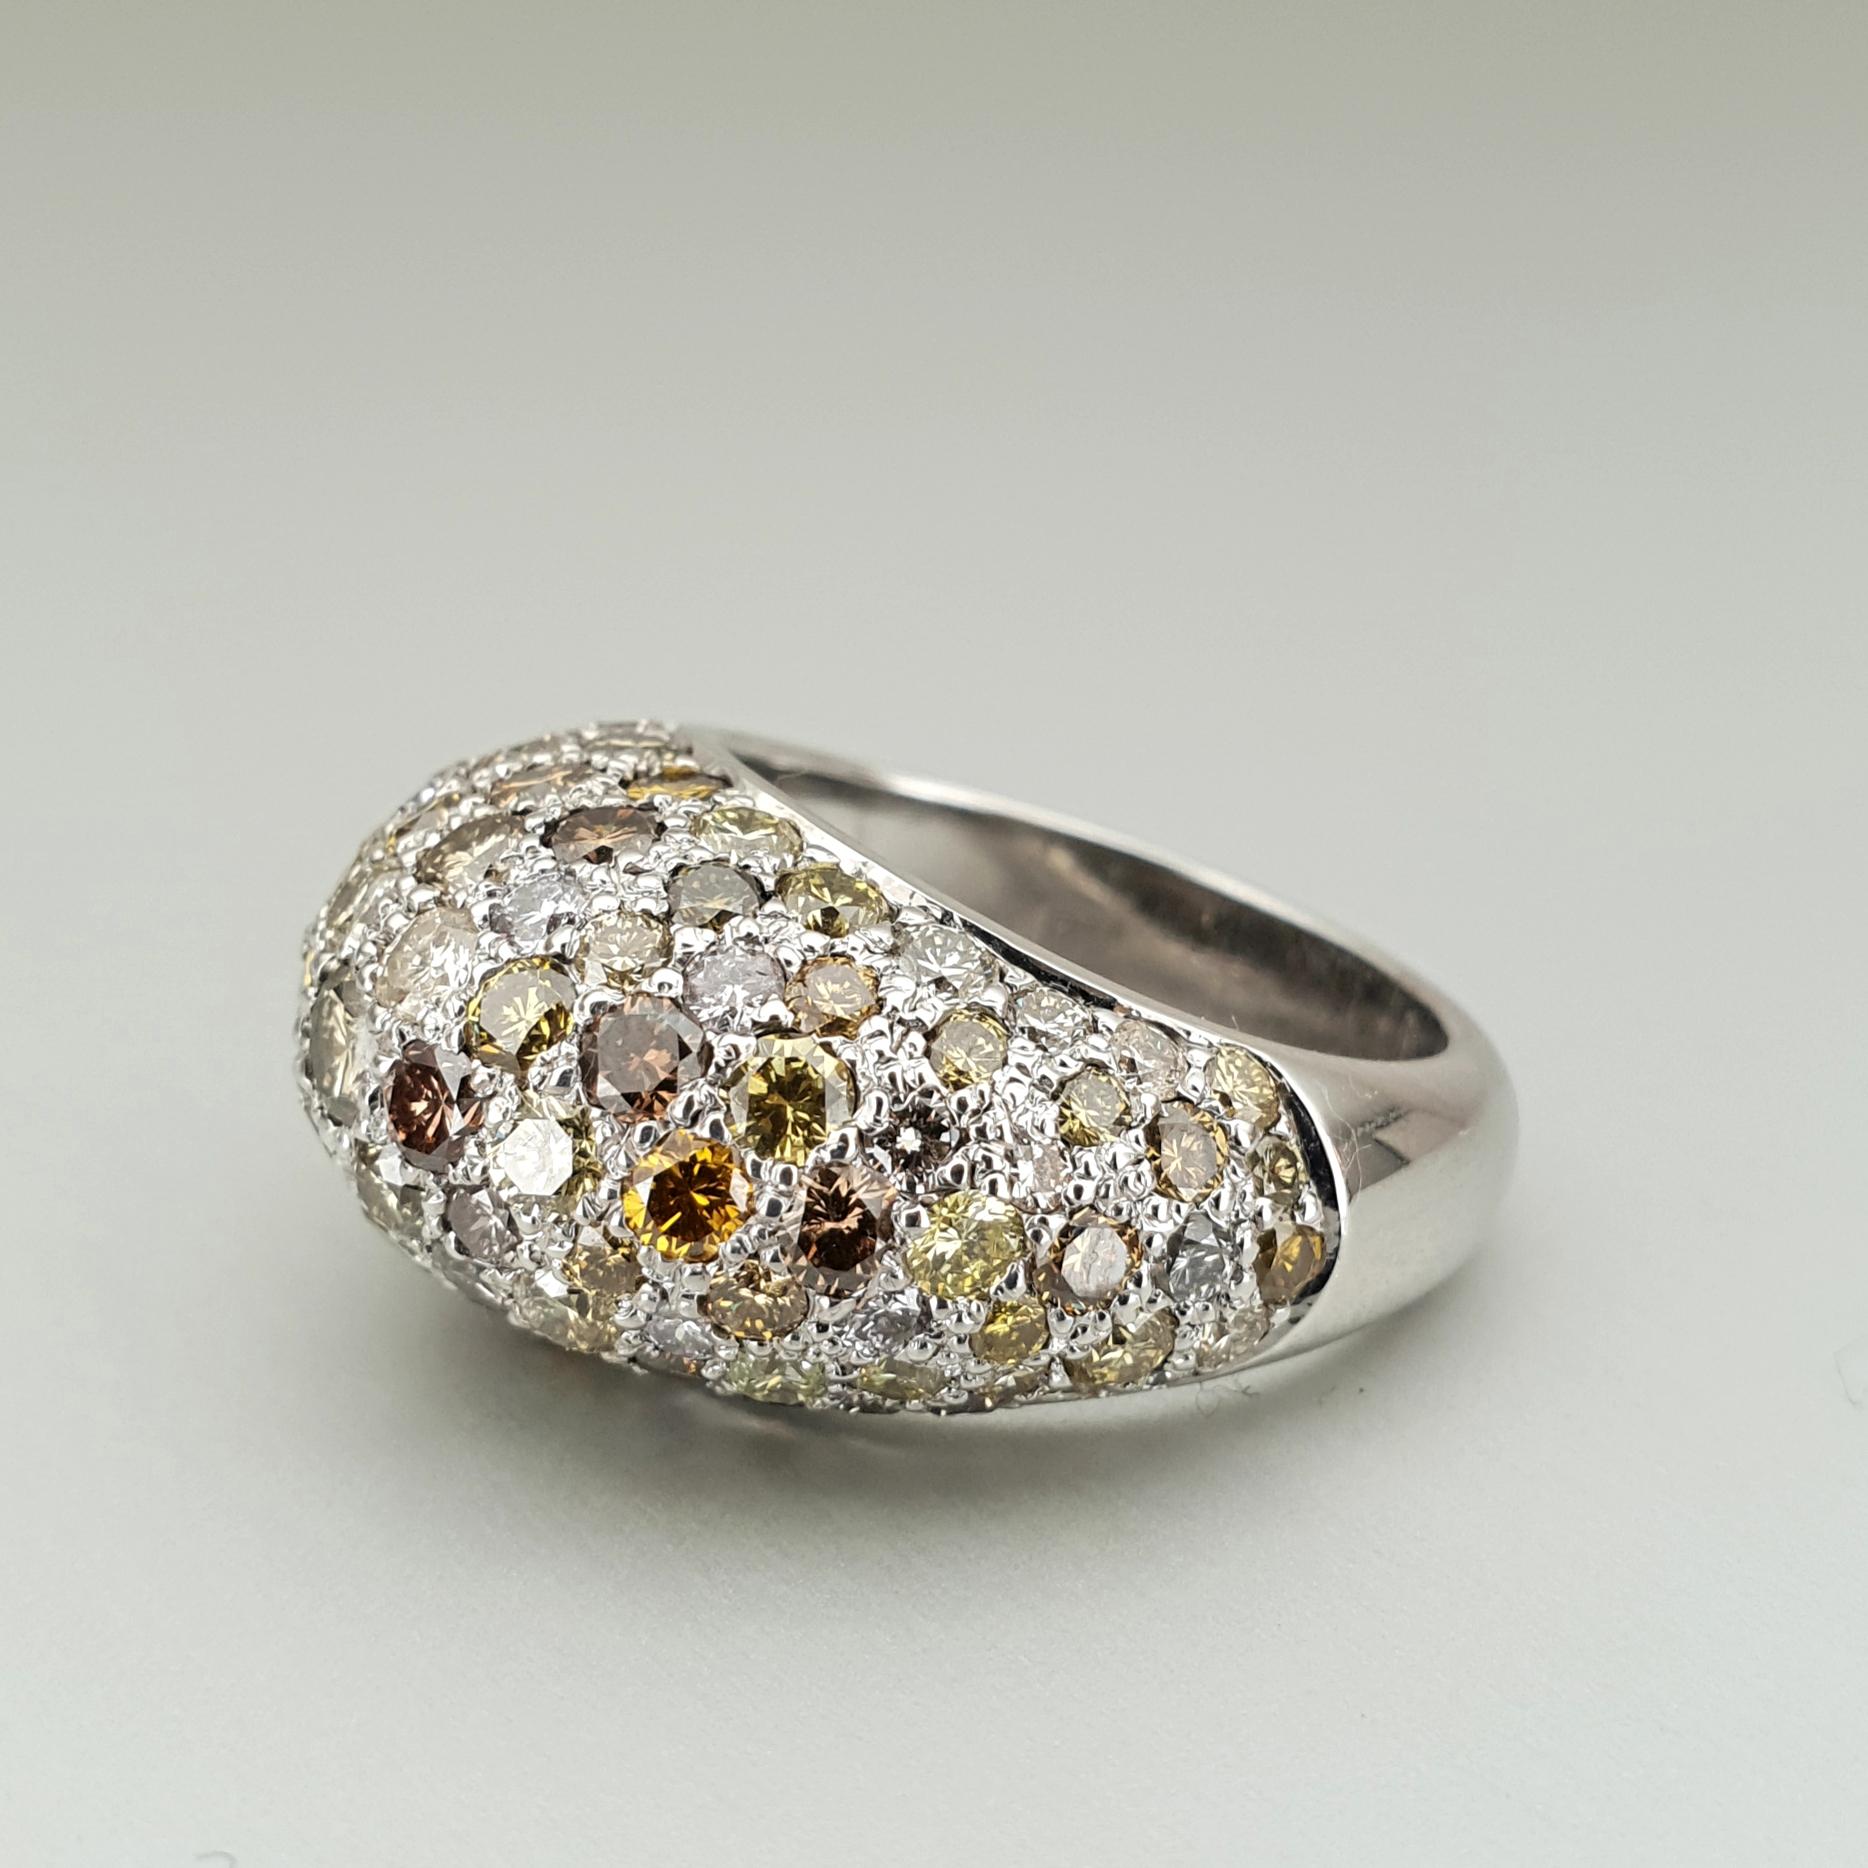 'Bundova' Diamond Ring Made in 18ct White Gold